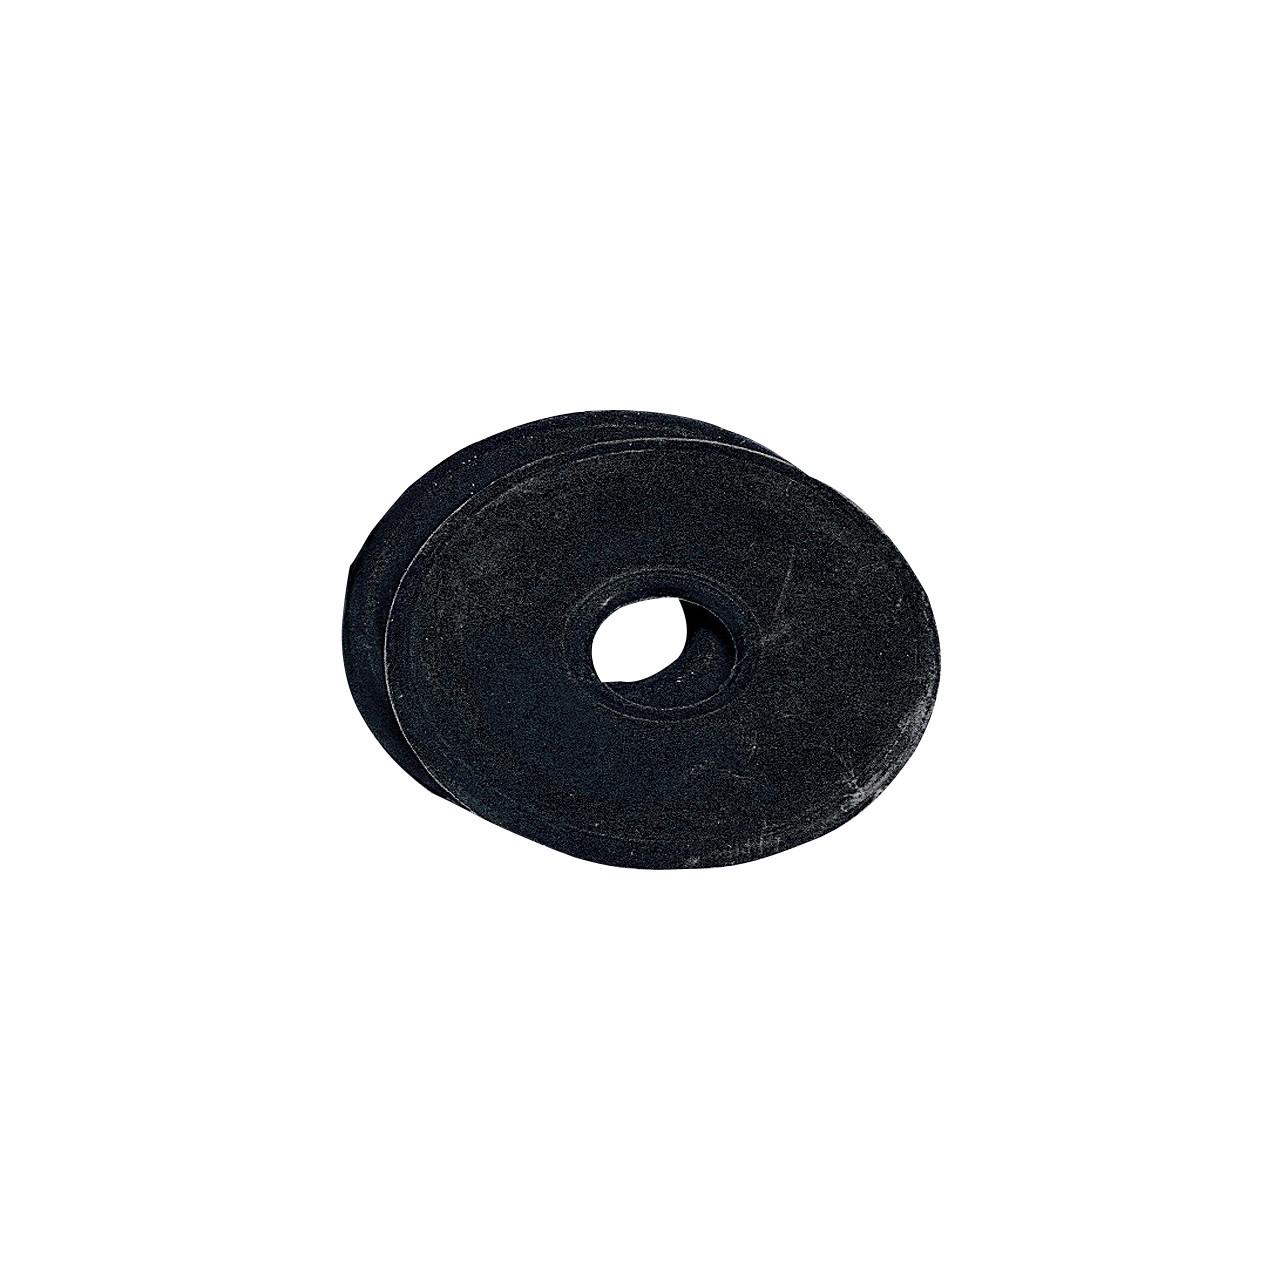 Bitringen groot rubber zwart